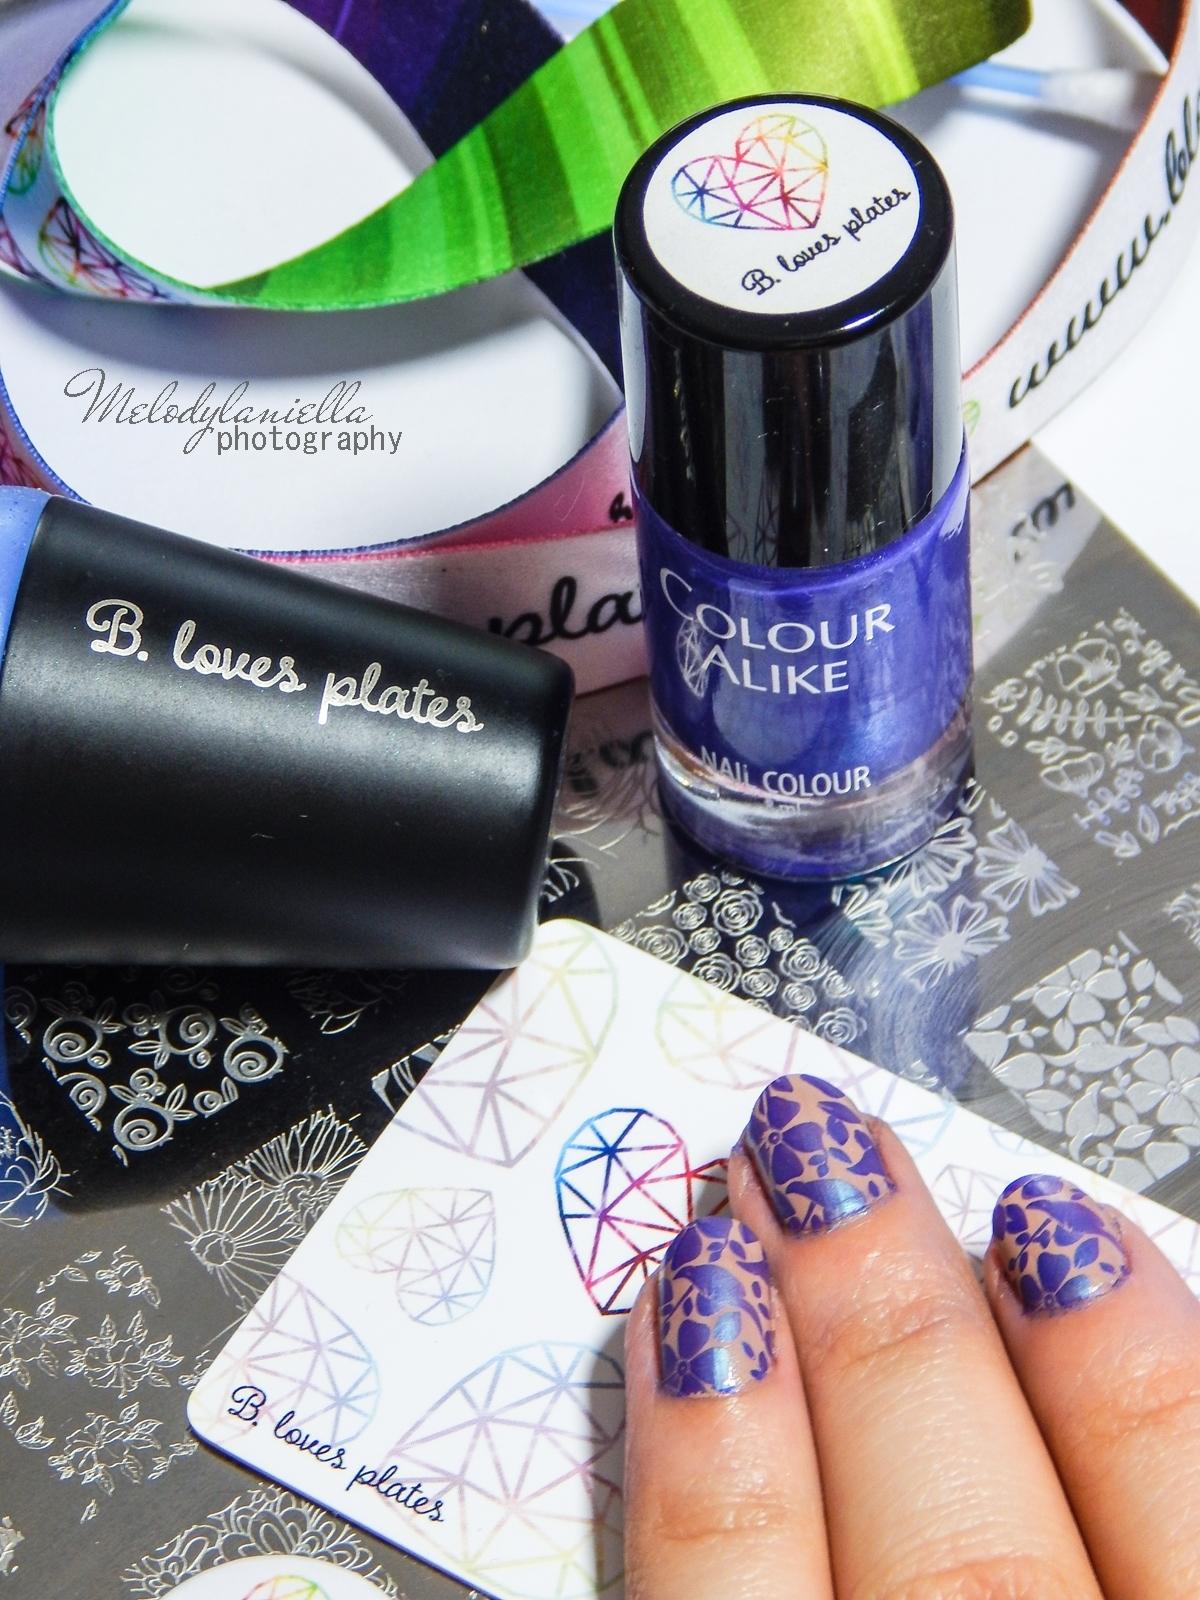 _17 nagłówek stemplowanie paznokci jak stemplować paznokcie produkty płytki lakiery do stemplowania b loves plates